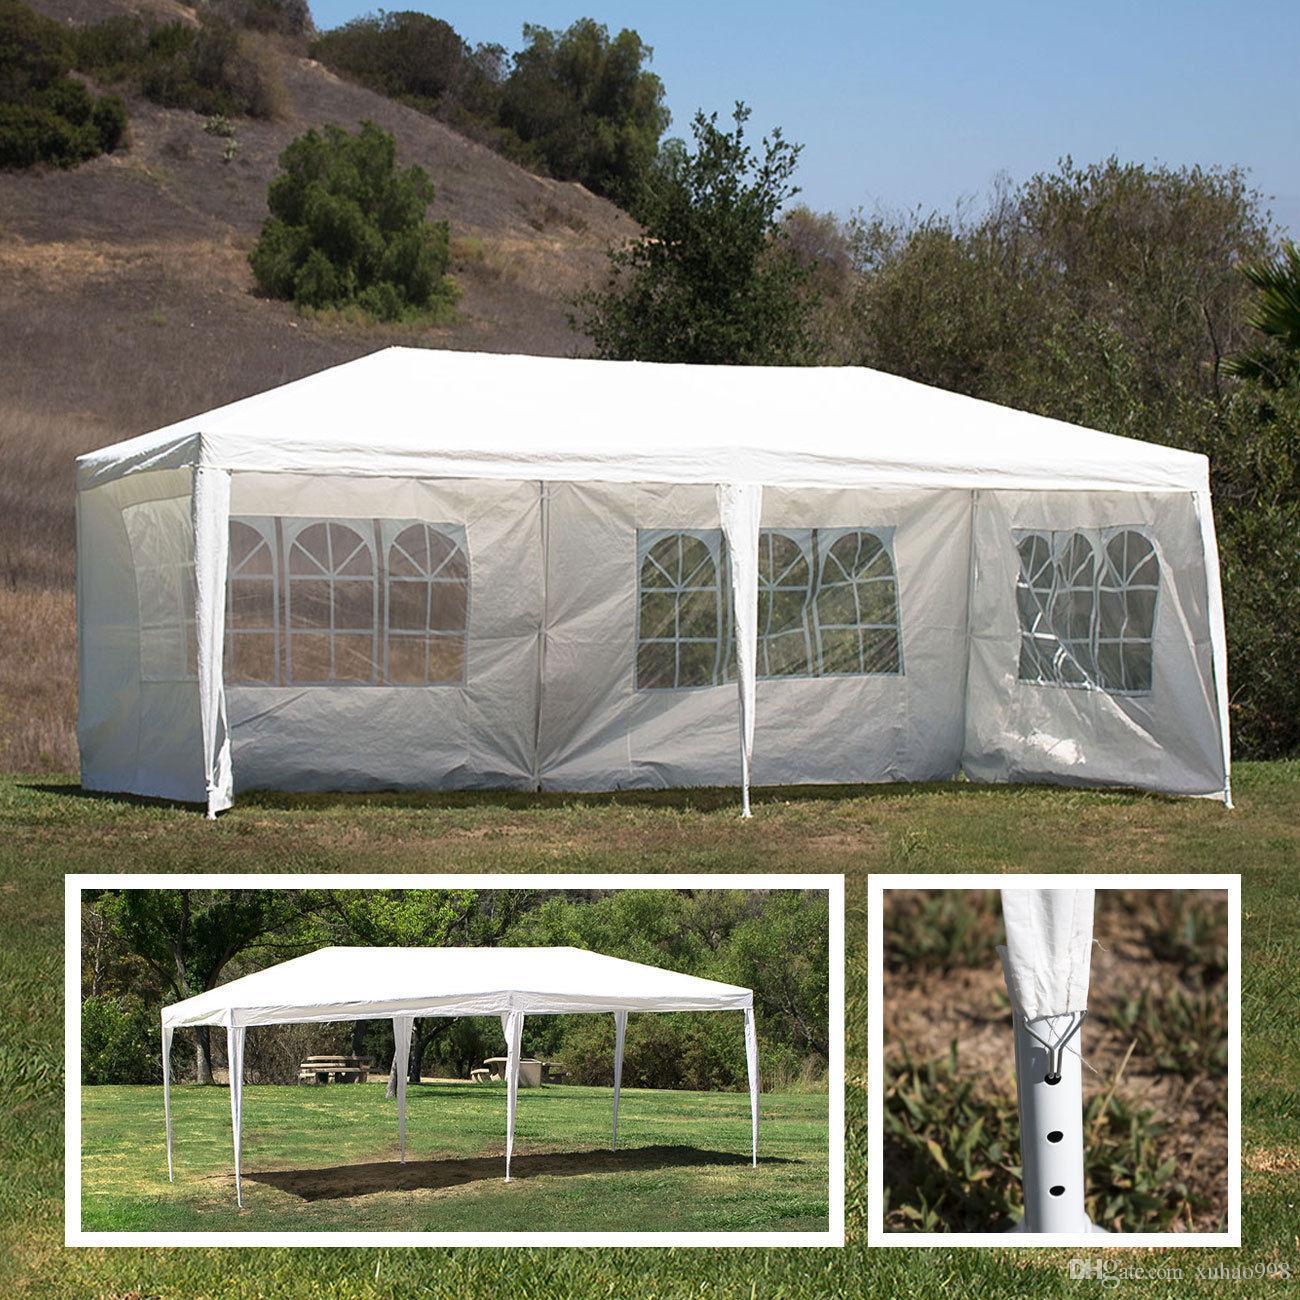 Extérieur 10'x20' Canopy Tente de mariage Heavy Duty Gazebo Pavillon Cater Event